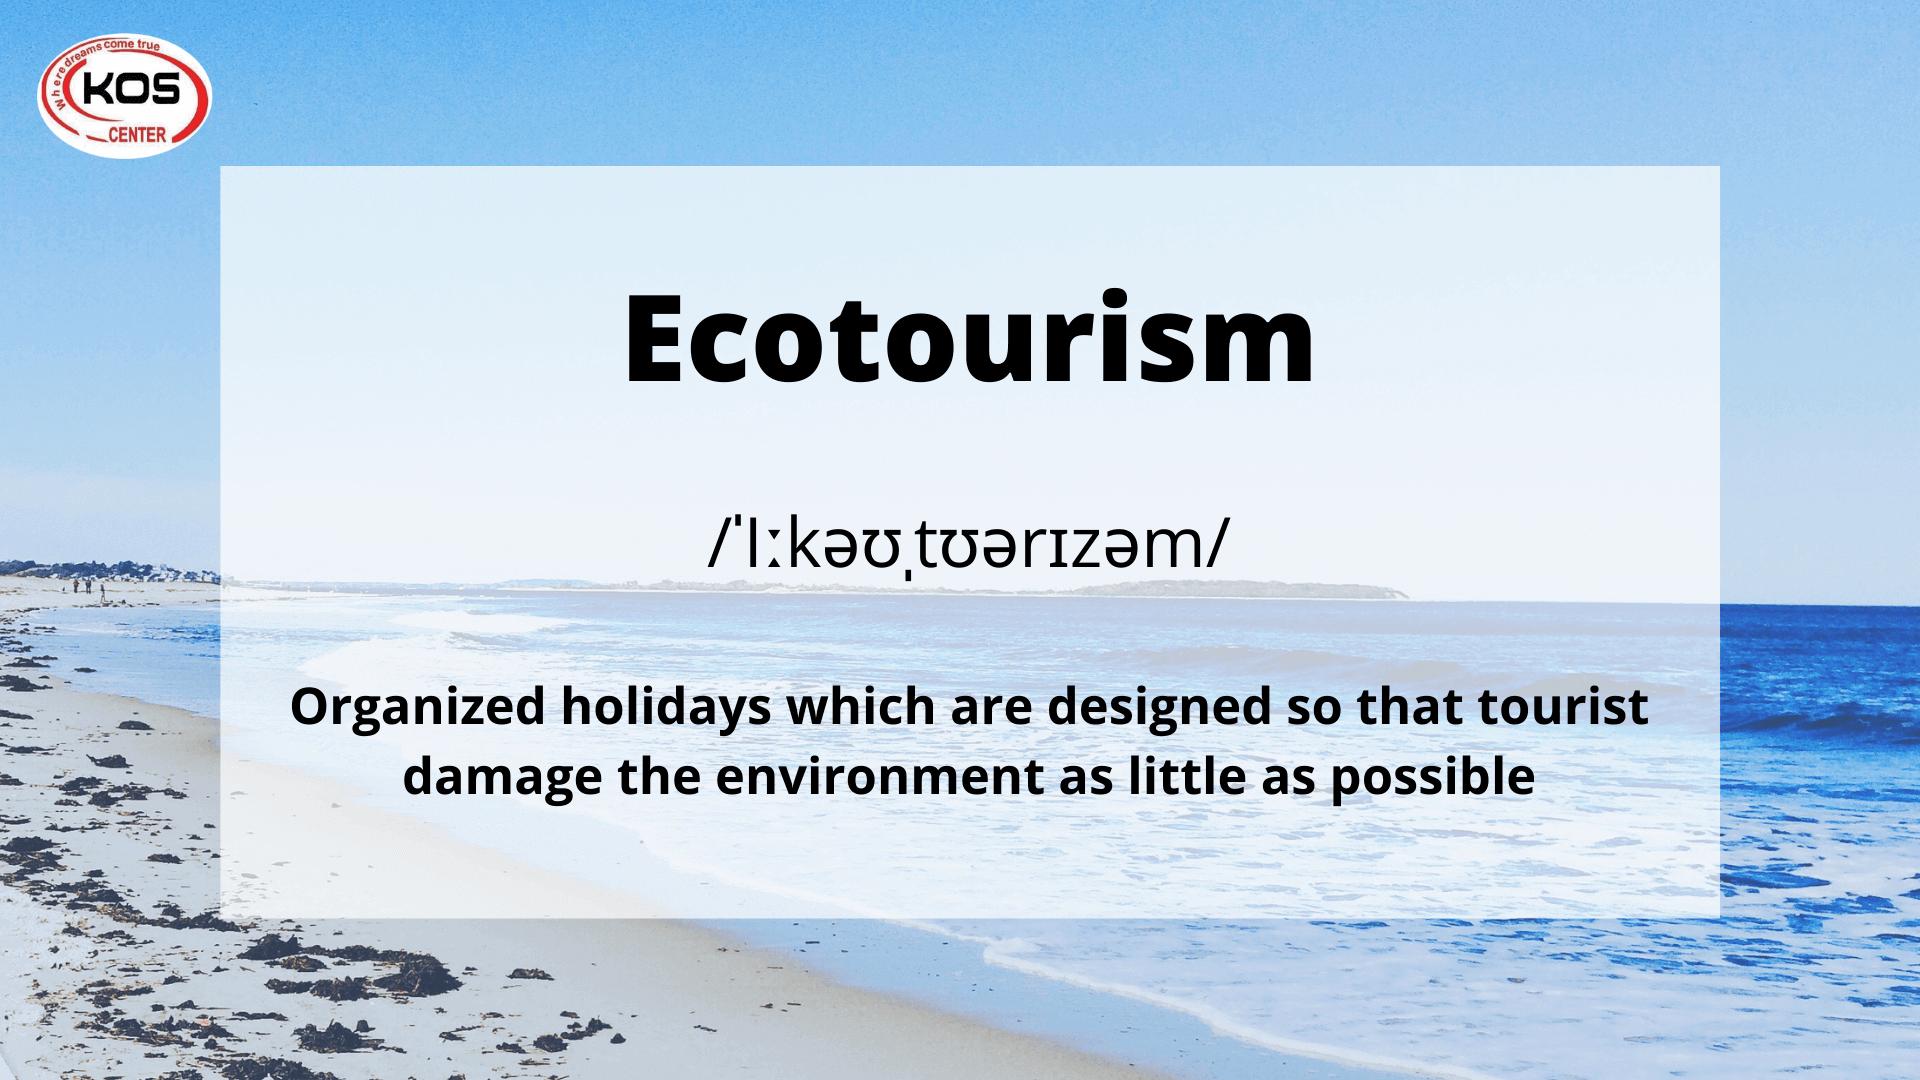 Collocation chủ đề Tourism 5